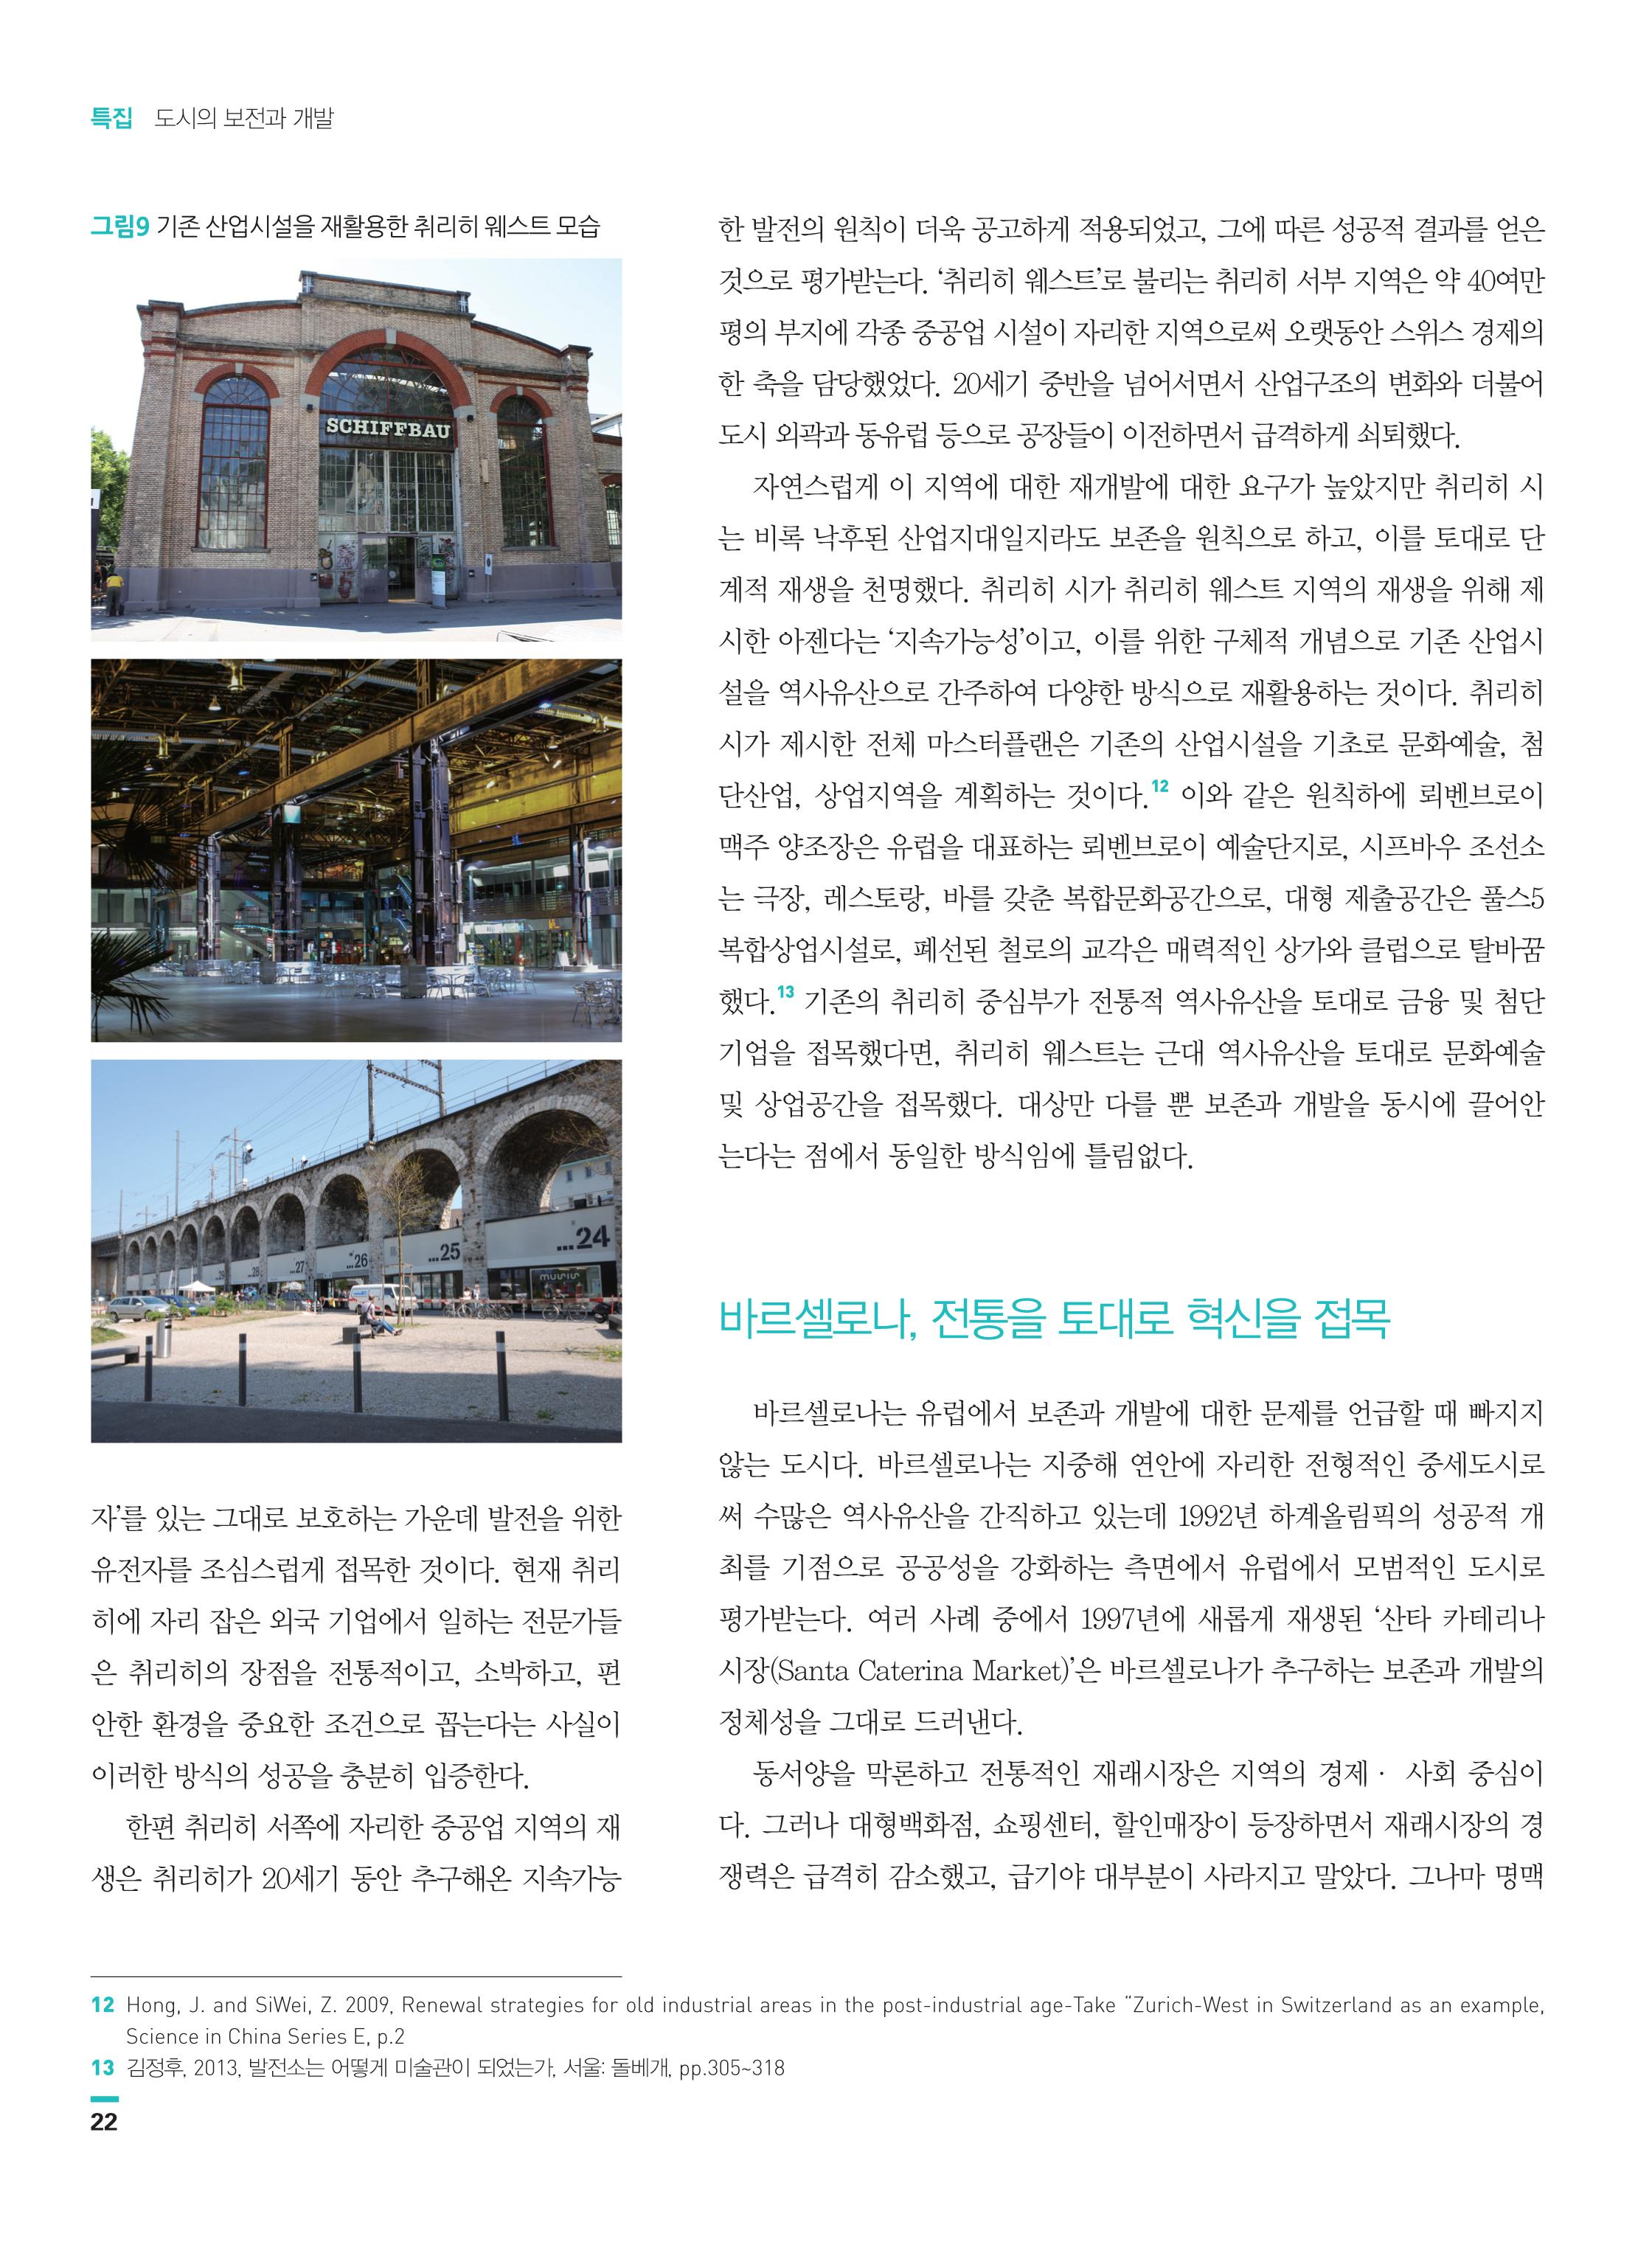 세계와도시 6호 컬러 특집1 -7.jpg